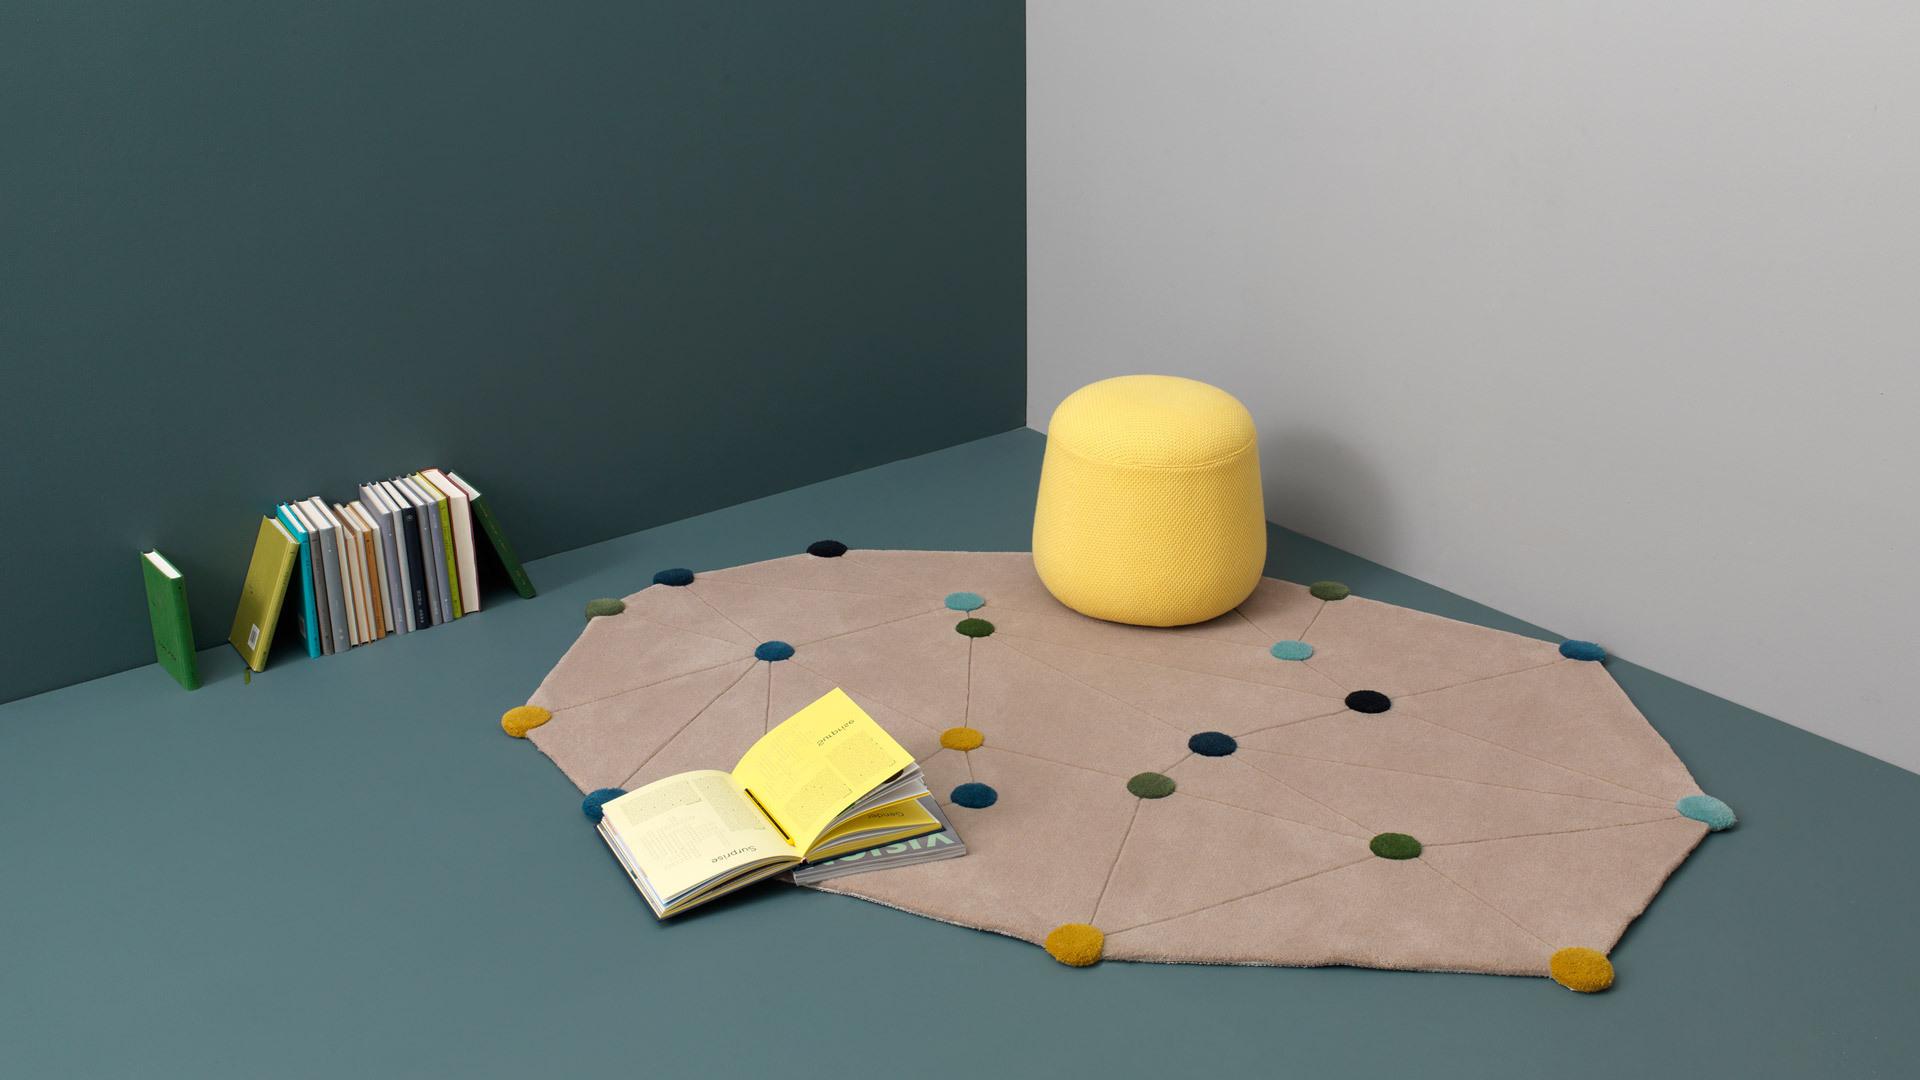 可爱的坐墩搭配舒适的地毯,只需两件单品,休闲角便可成为孩子的乐园。